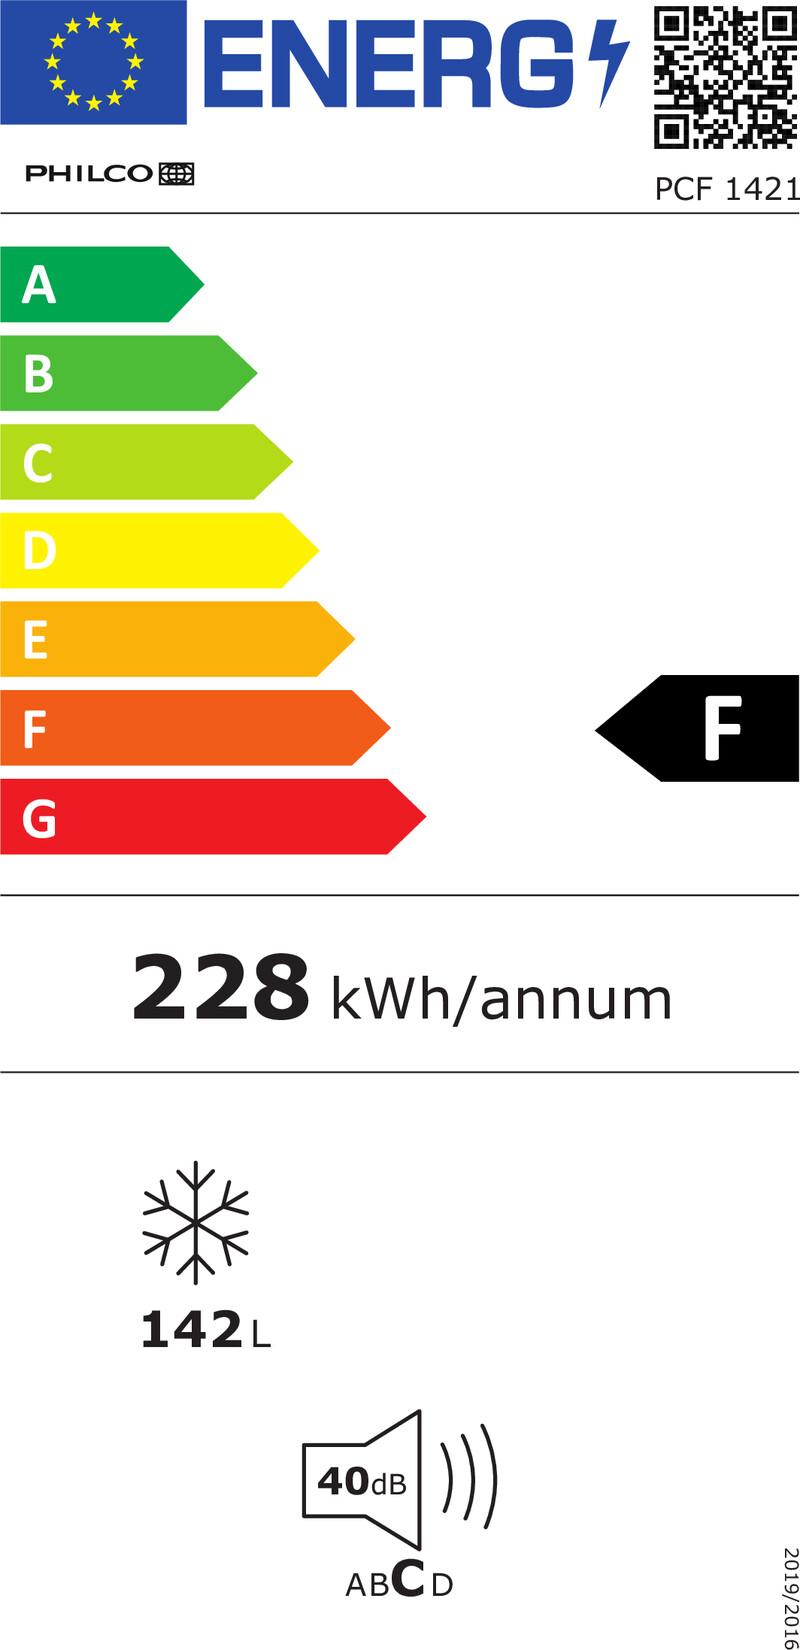 Energetický štítek Philco PCF 1421